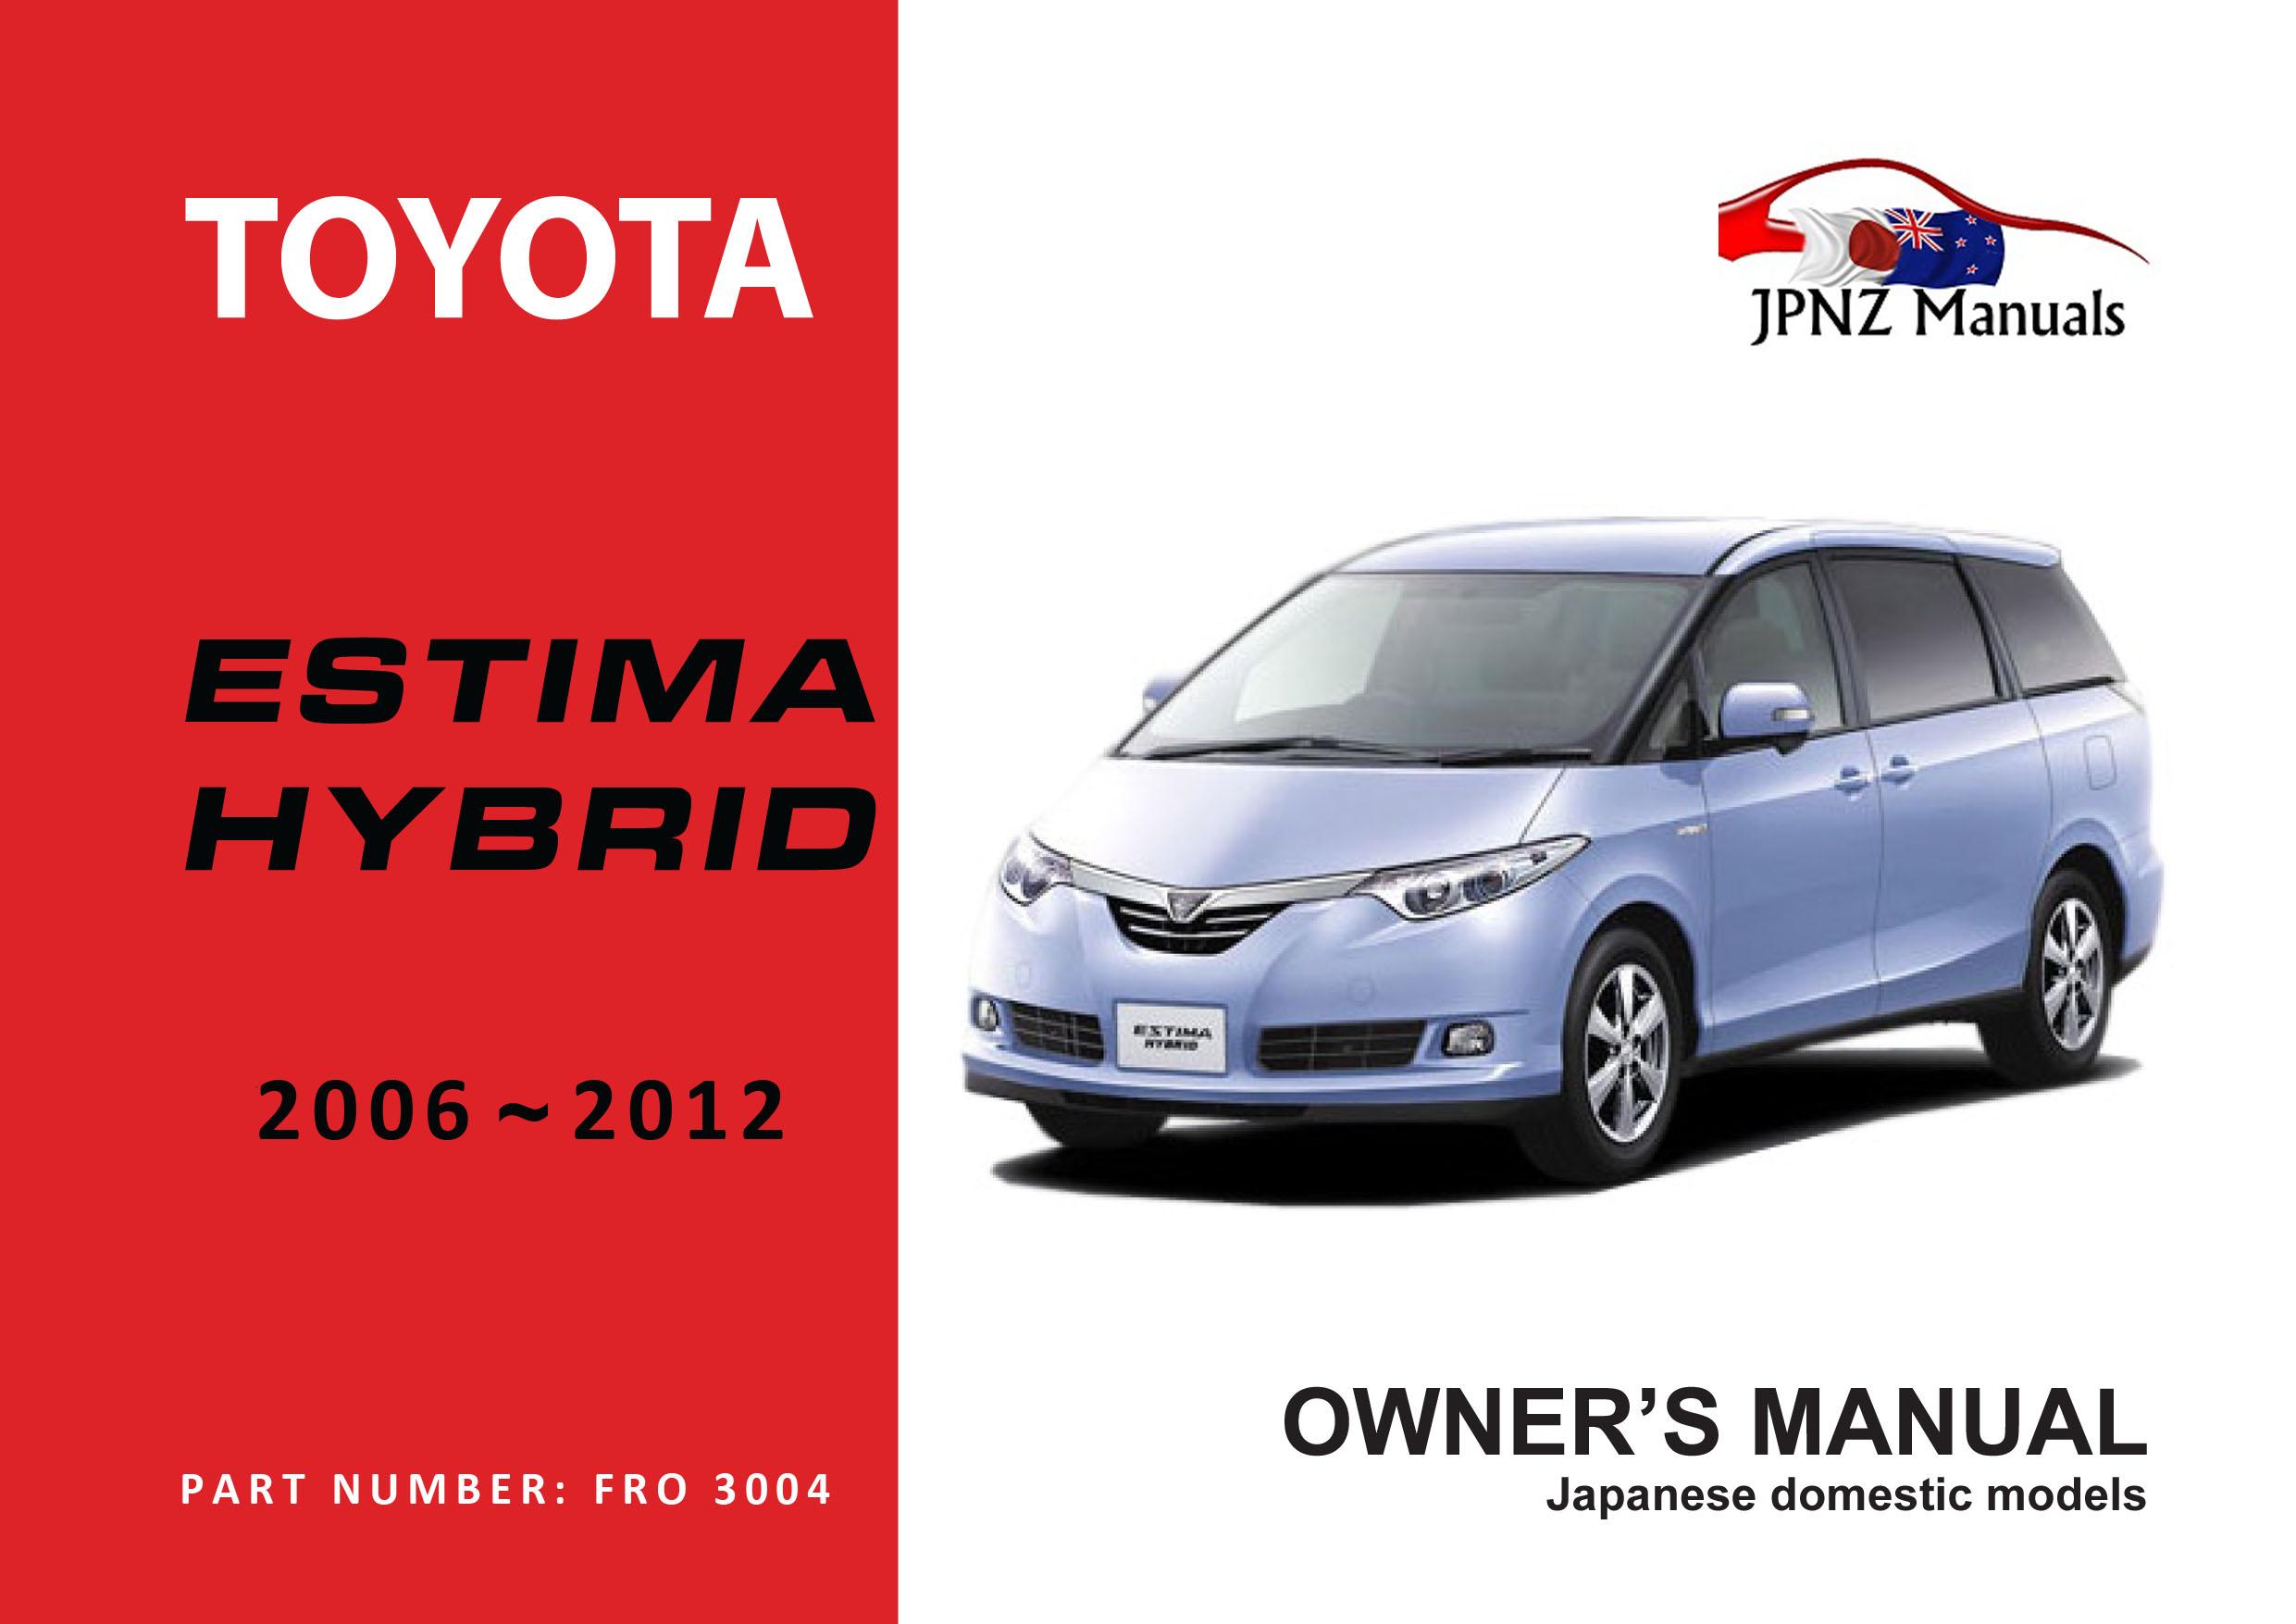 Toyota – Estima Hybrid car owners manual | 2006 – 2012